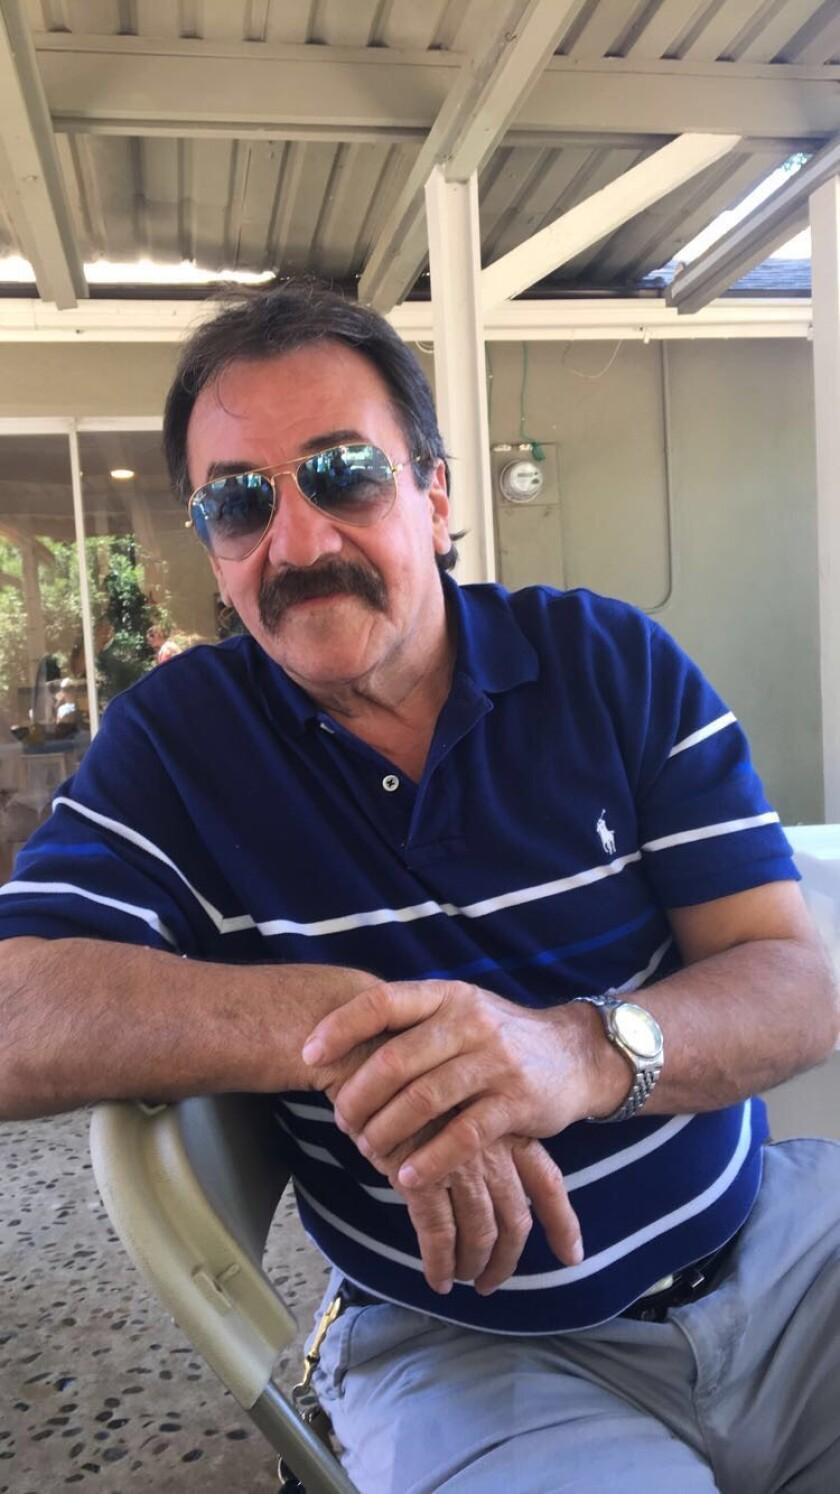 José Roberto Álvarez era originario de El Salvador, llegó a Estados Unidos a principios de la década de 1980.